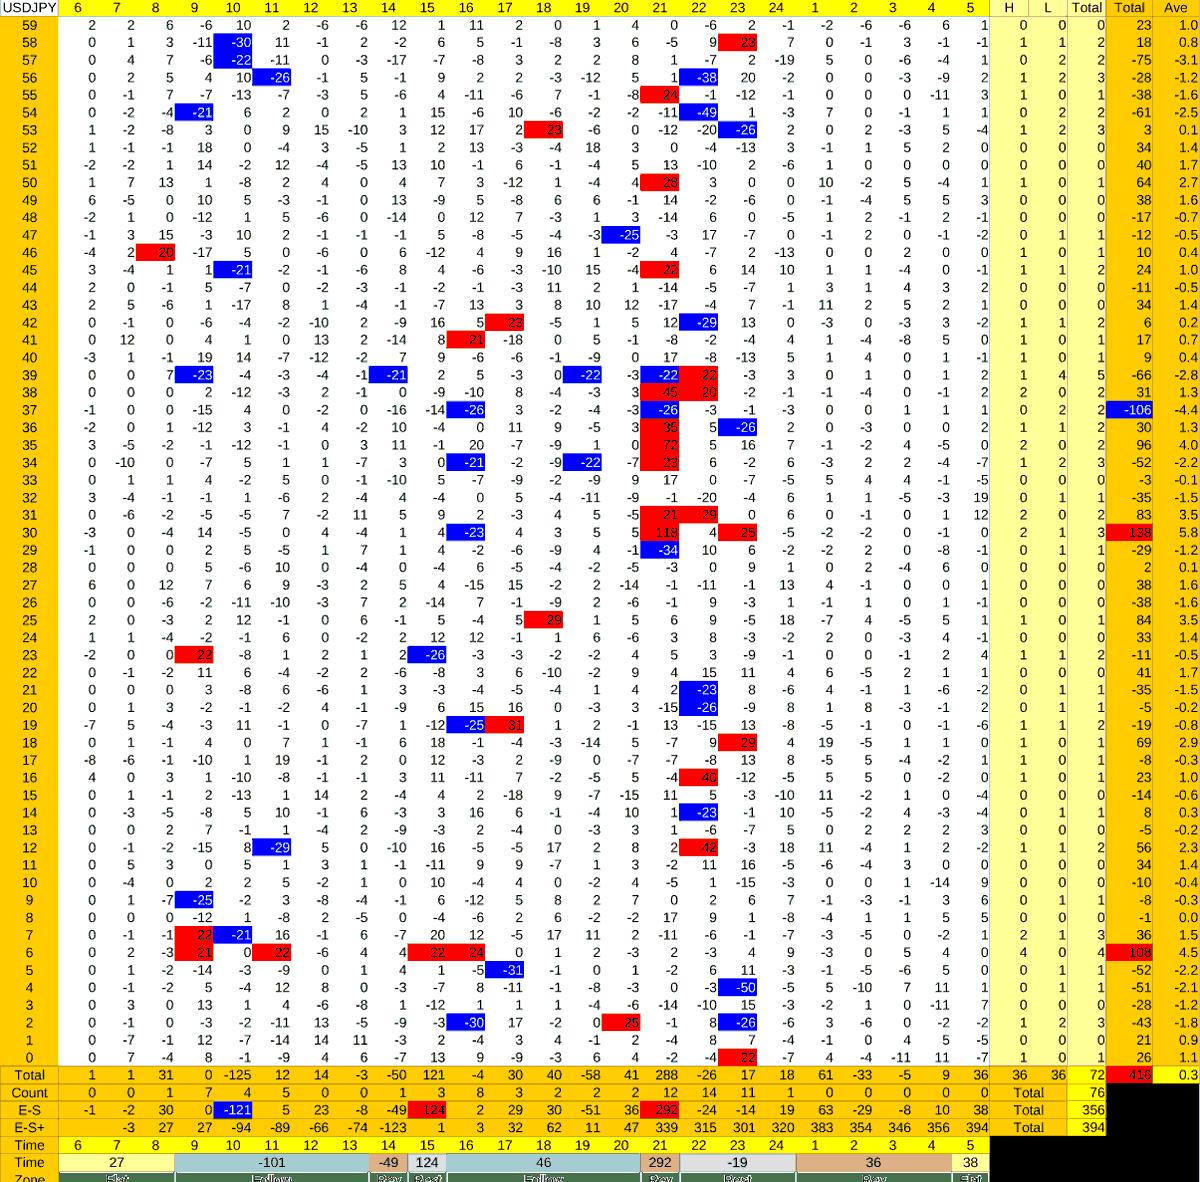 20210916_HS(1)USDJPY-min